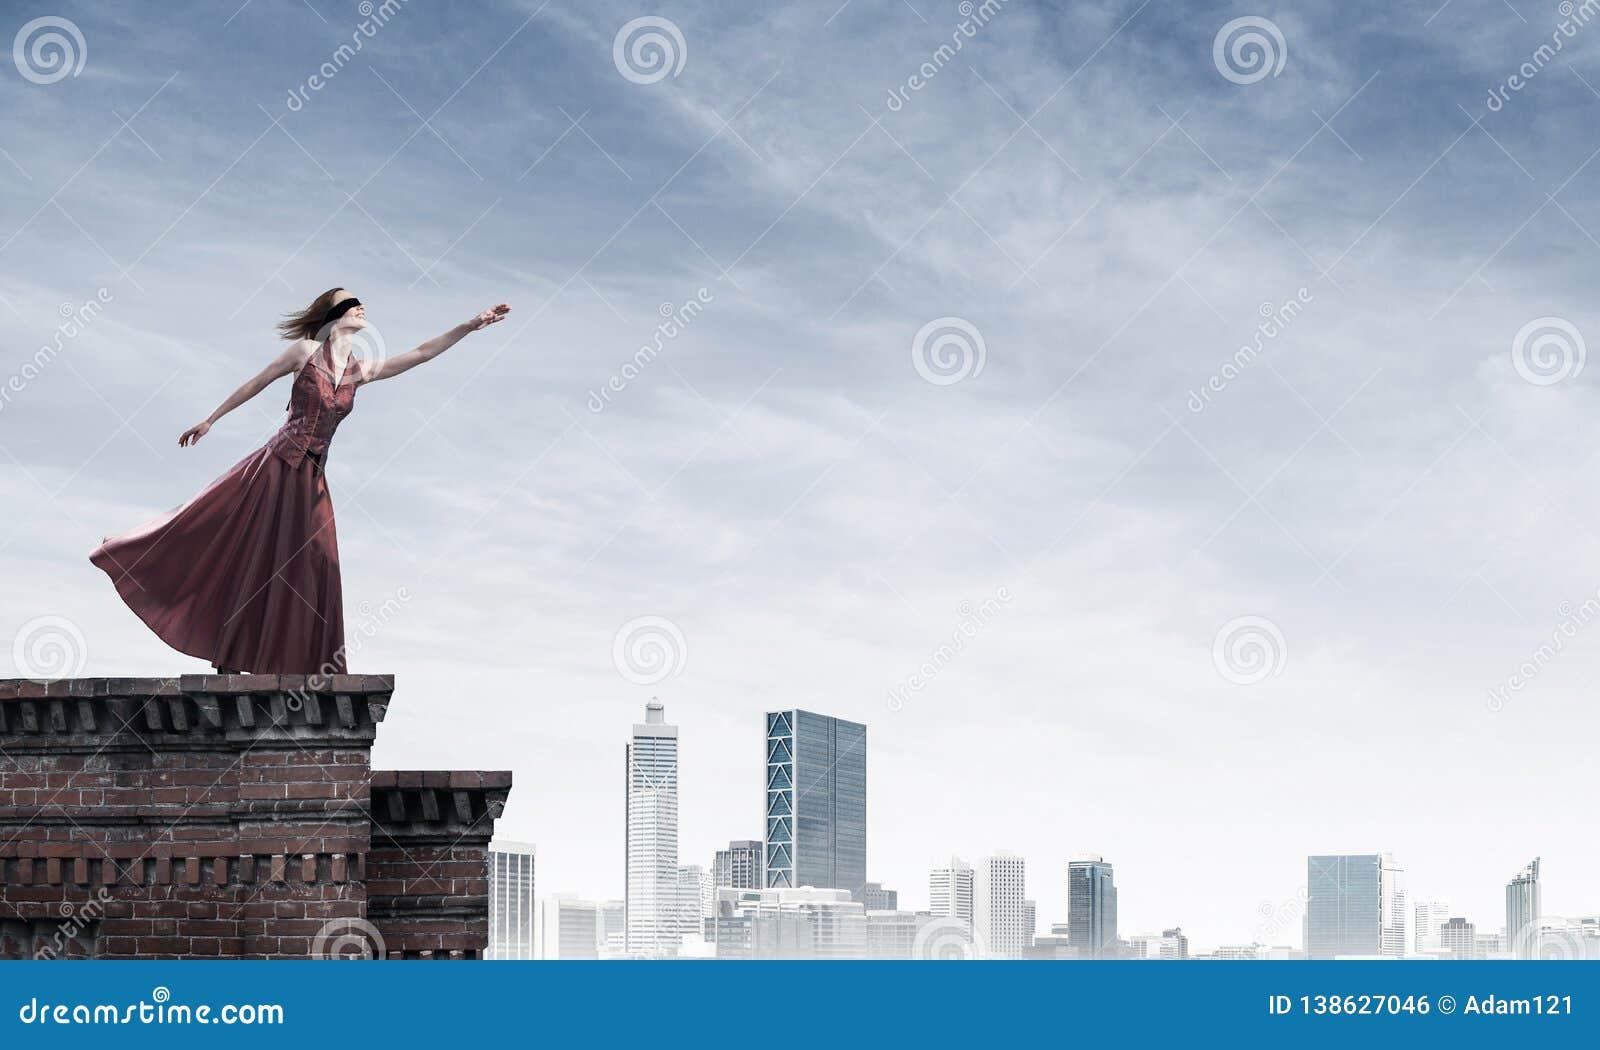 Blind kvinna i lång röd klänning överst av byggnad Blandat massmedia